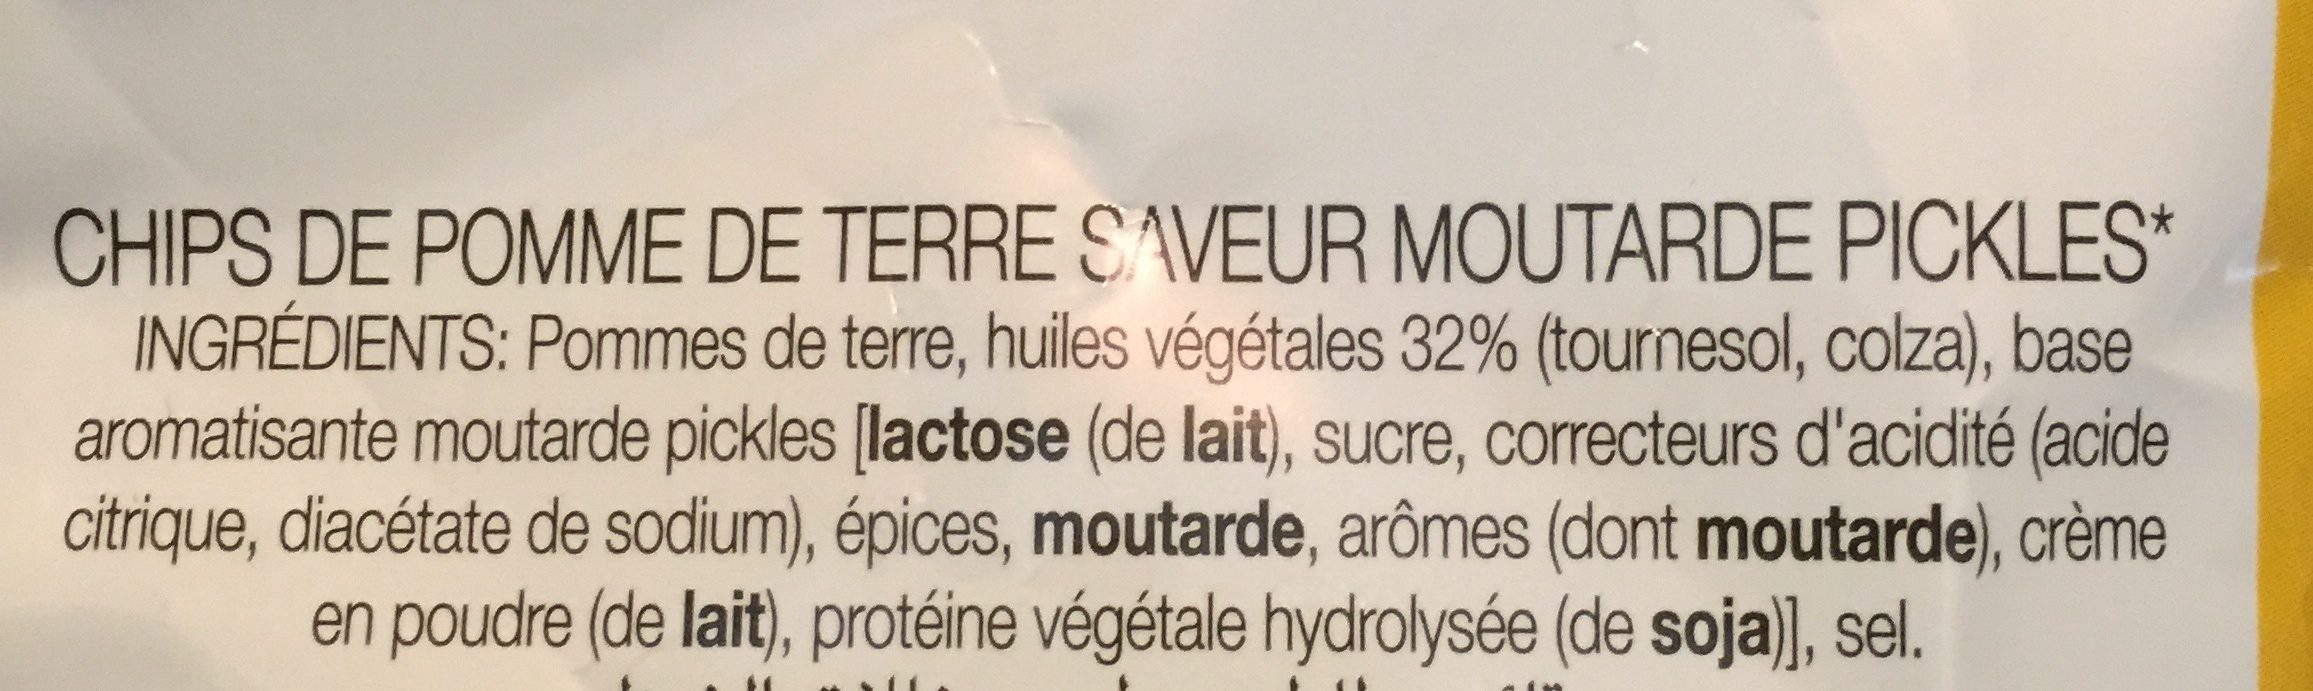 Saveur Moutarde Pickles - Ingrédients